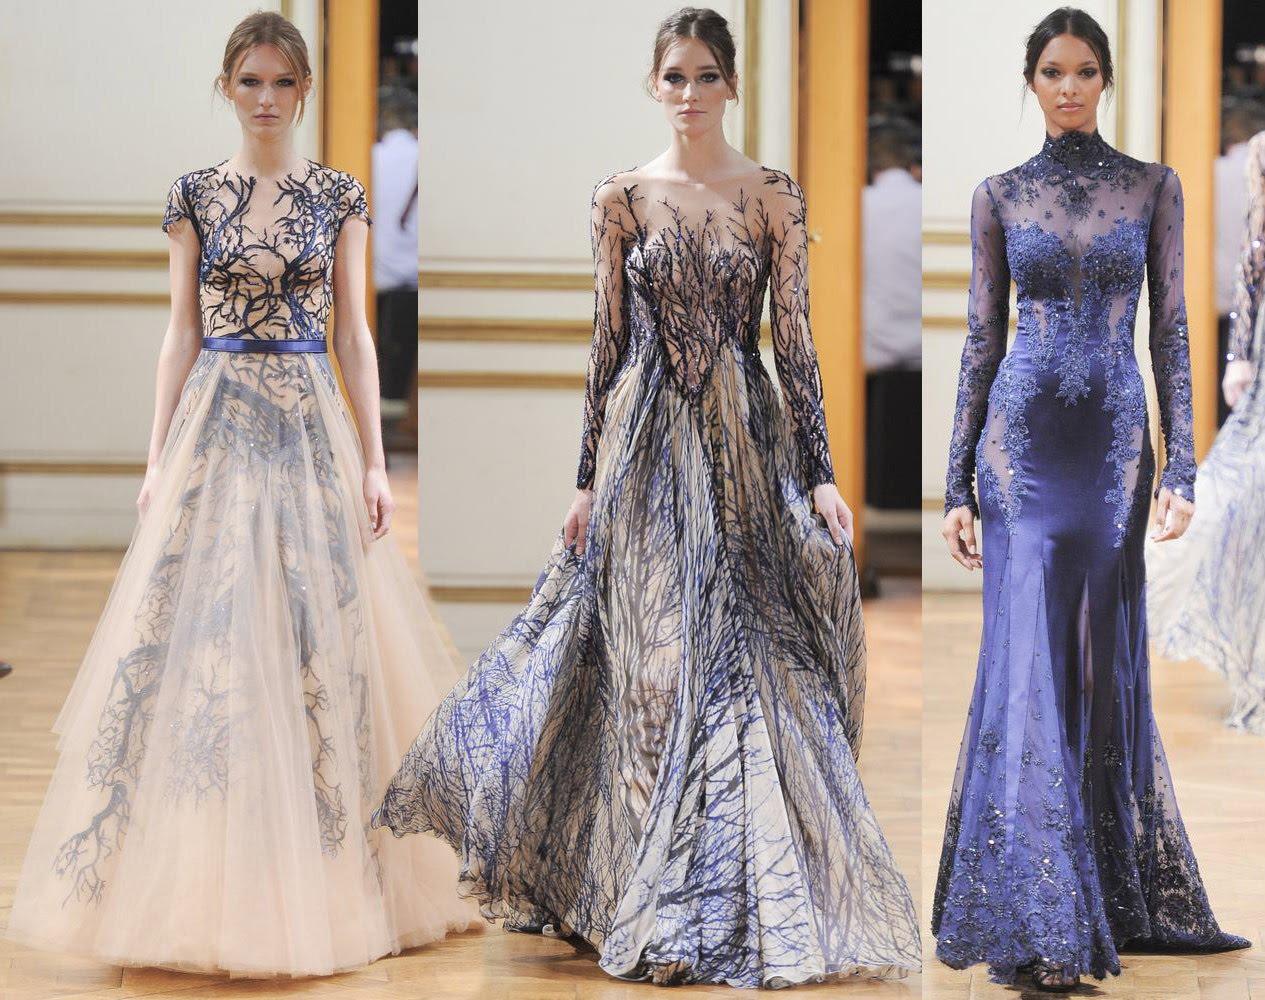 صور احدث موديلات الفساتين , تشكيلة من الفساتين النسائية الرائعة